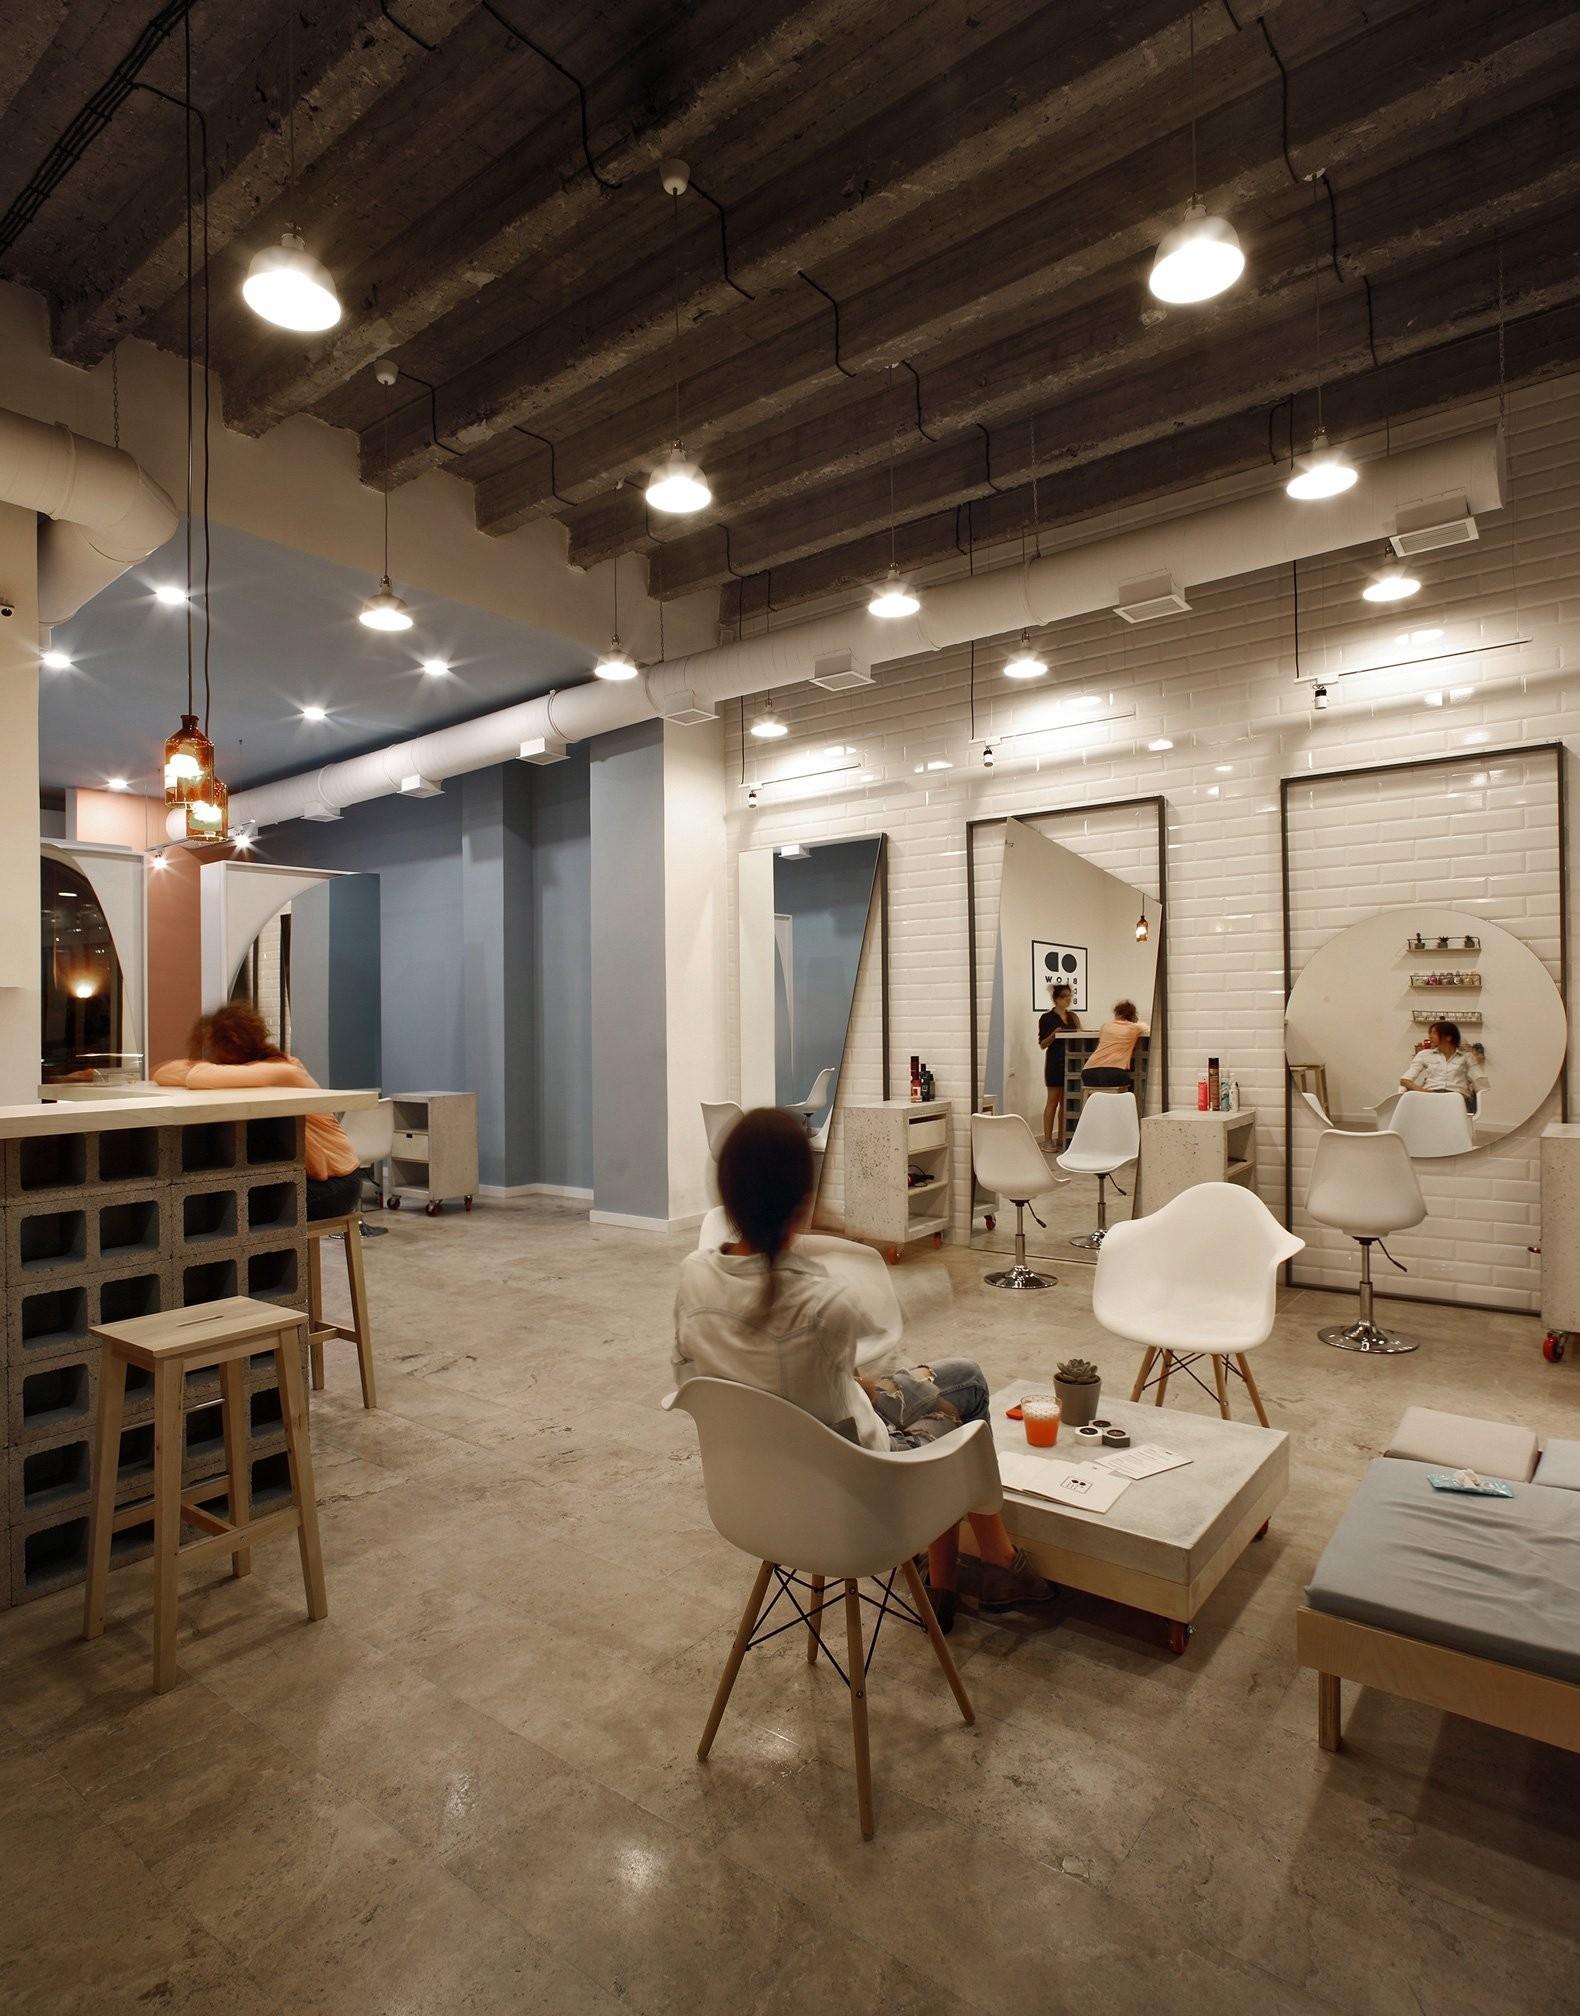 Idee Deco Interieur Cabane En Bois Nouveau Stock Deco originale Salon Elegant Od Blow Dry Bar by Snkh Architectural